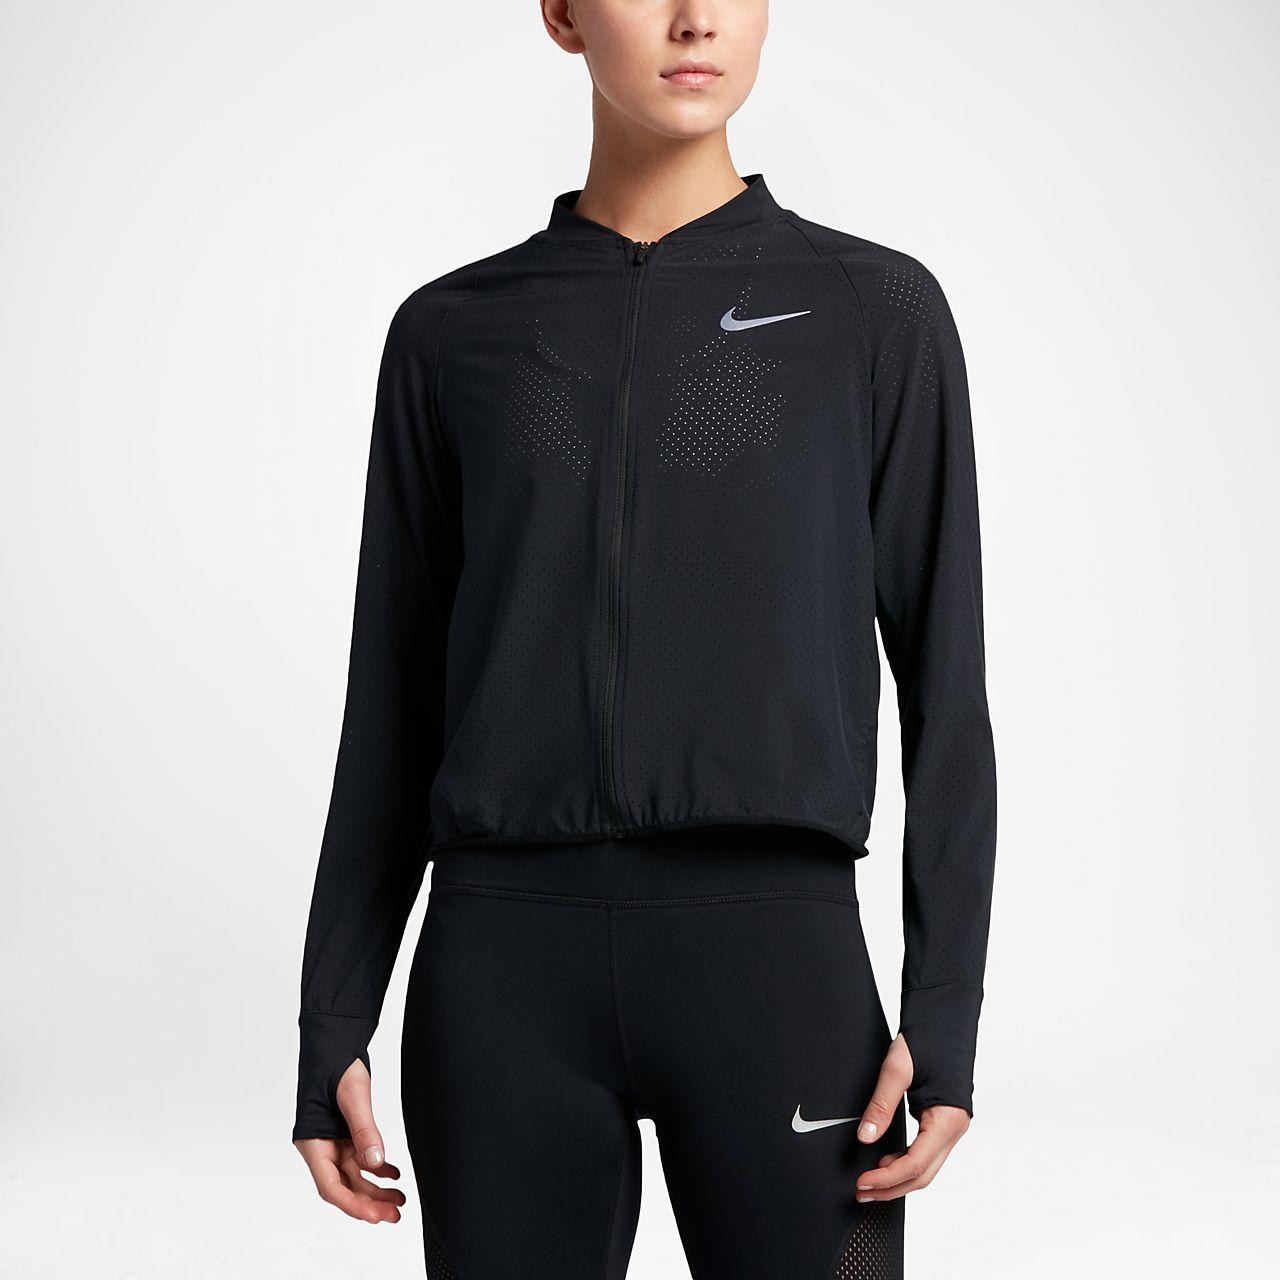 Löparjacka Nike för kvinnor